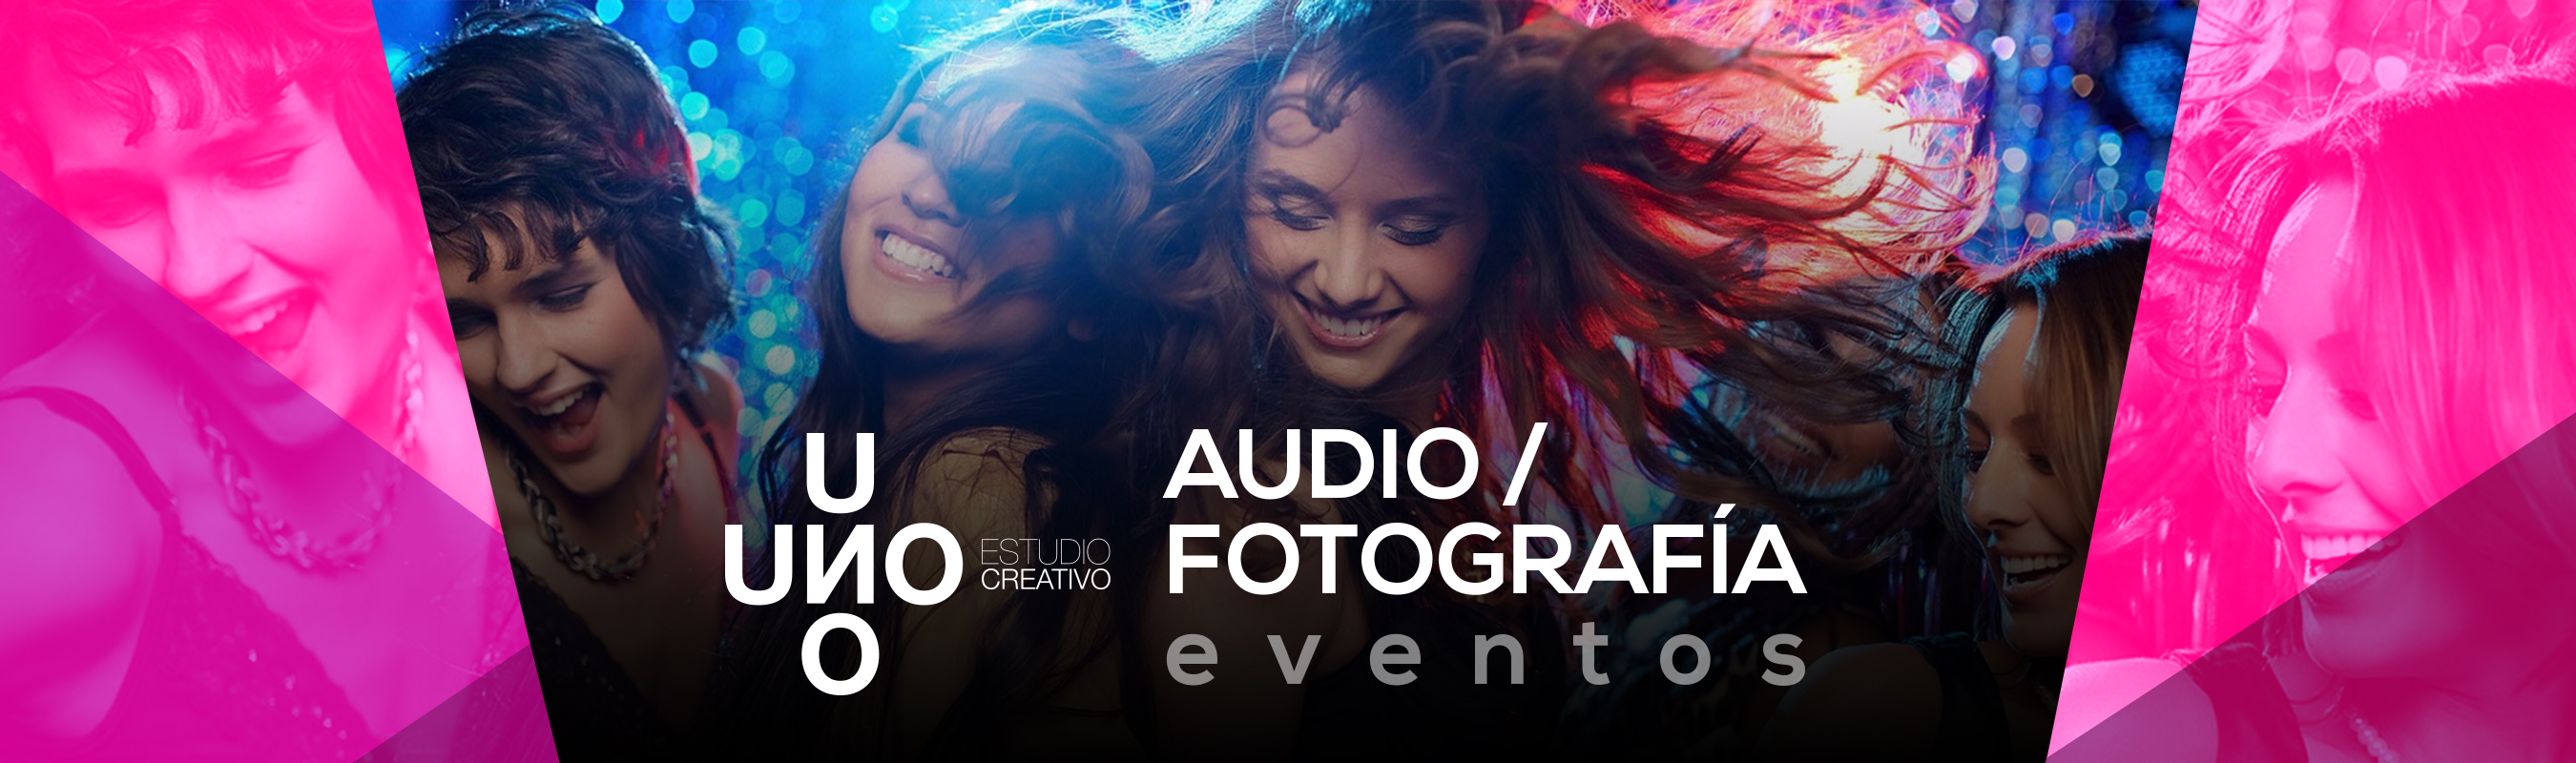 audio-fotografo